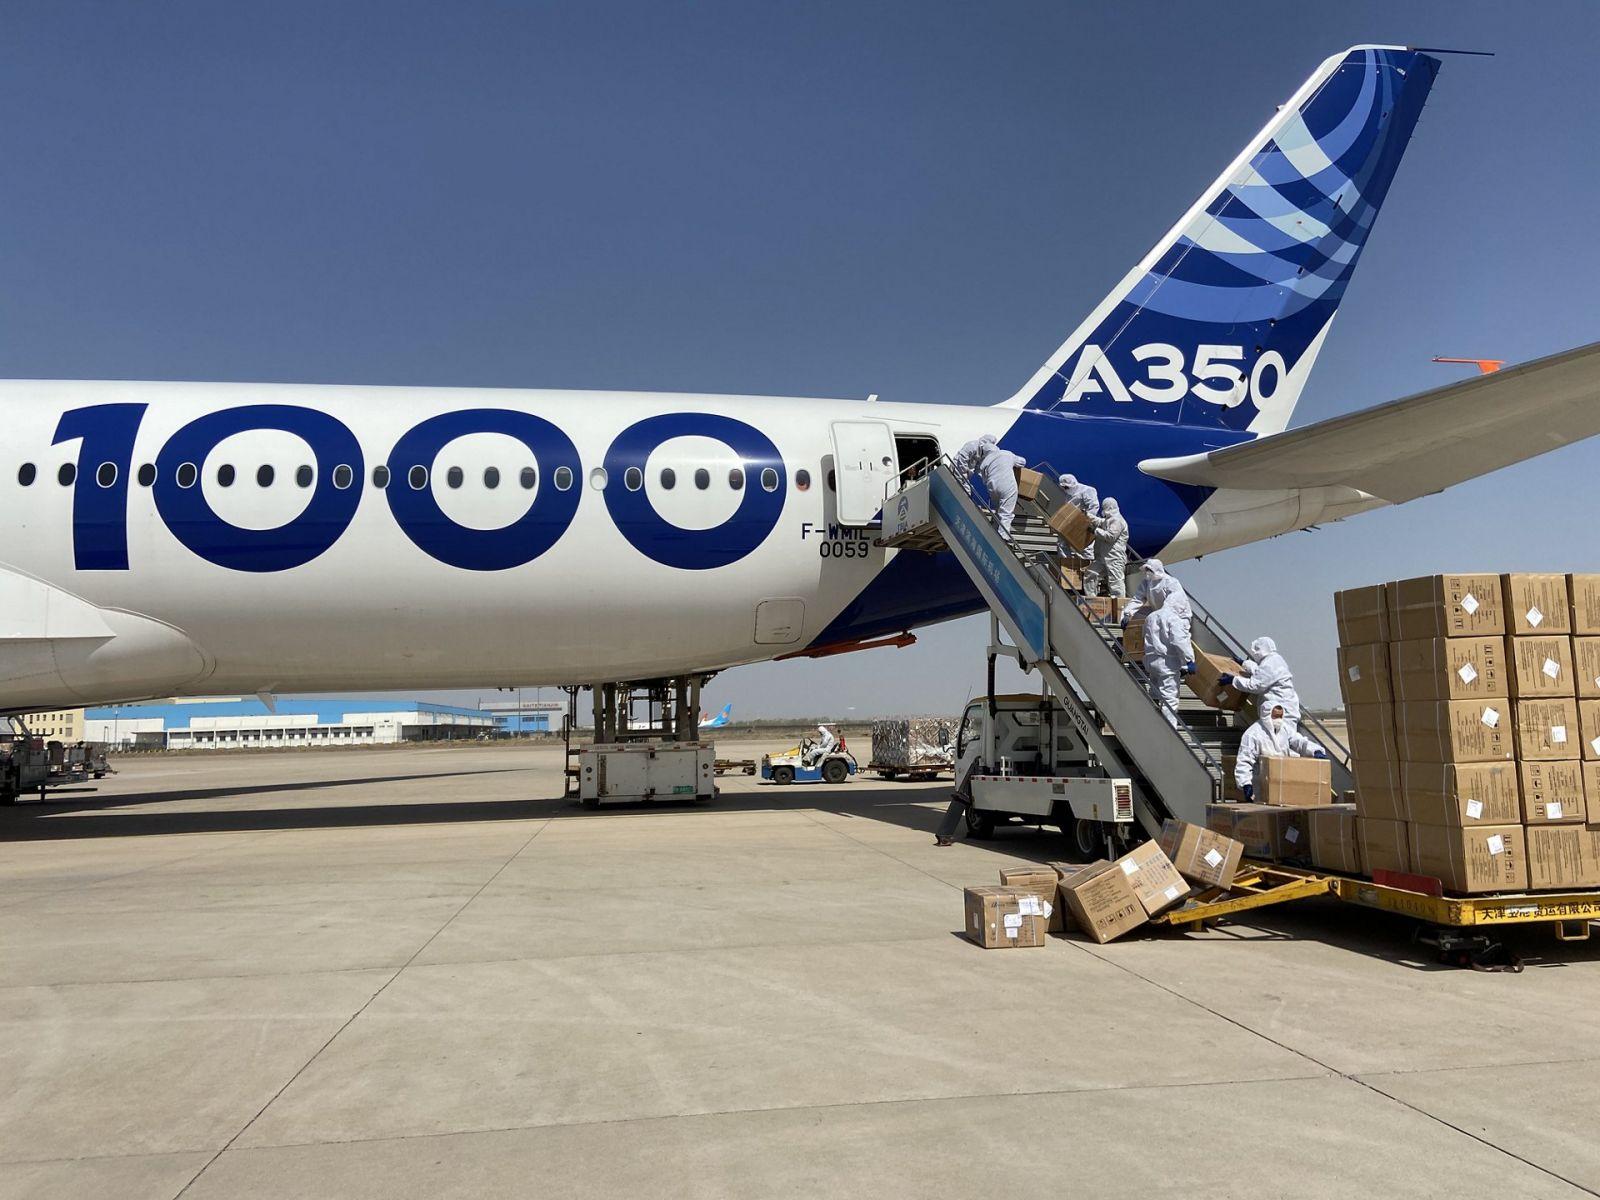 COVID-19 - Airbus задейства A350-1000 в борбата срещу коронавируса ОБНОВЕНА (СНИМКИ, ВИДЕО)